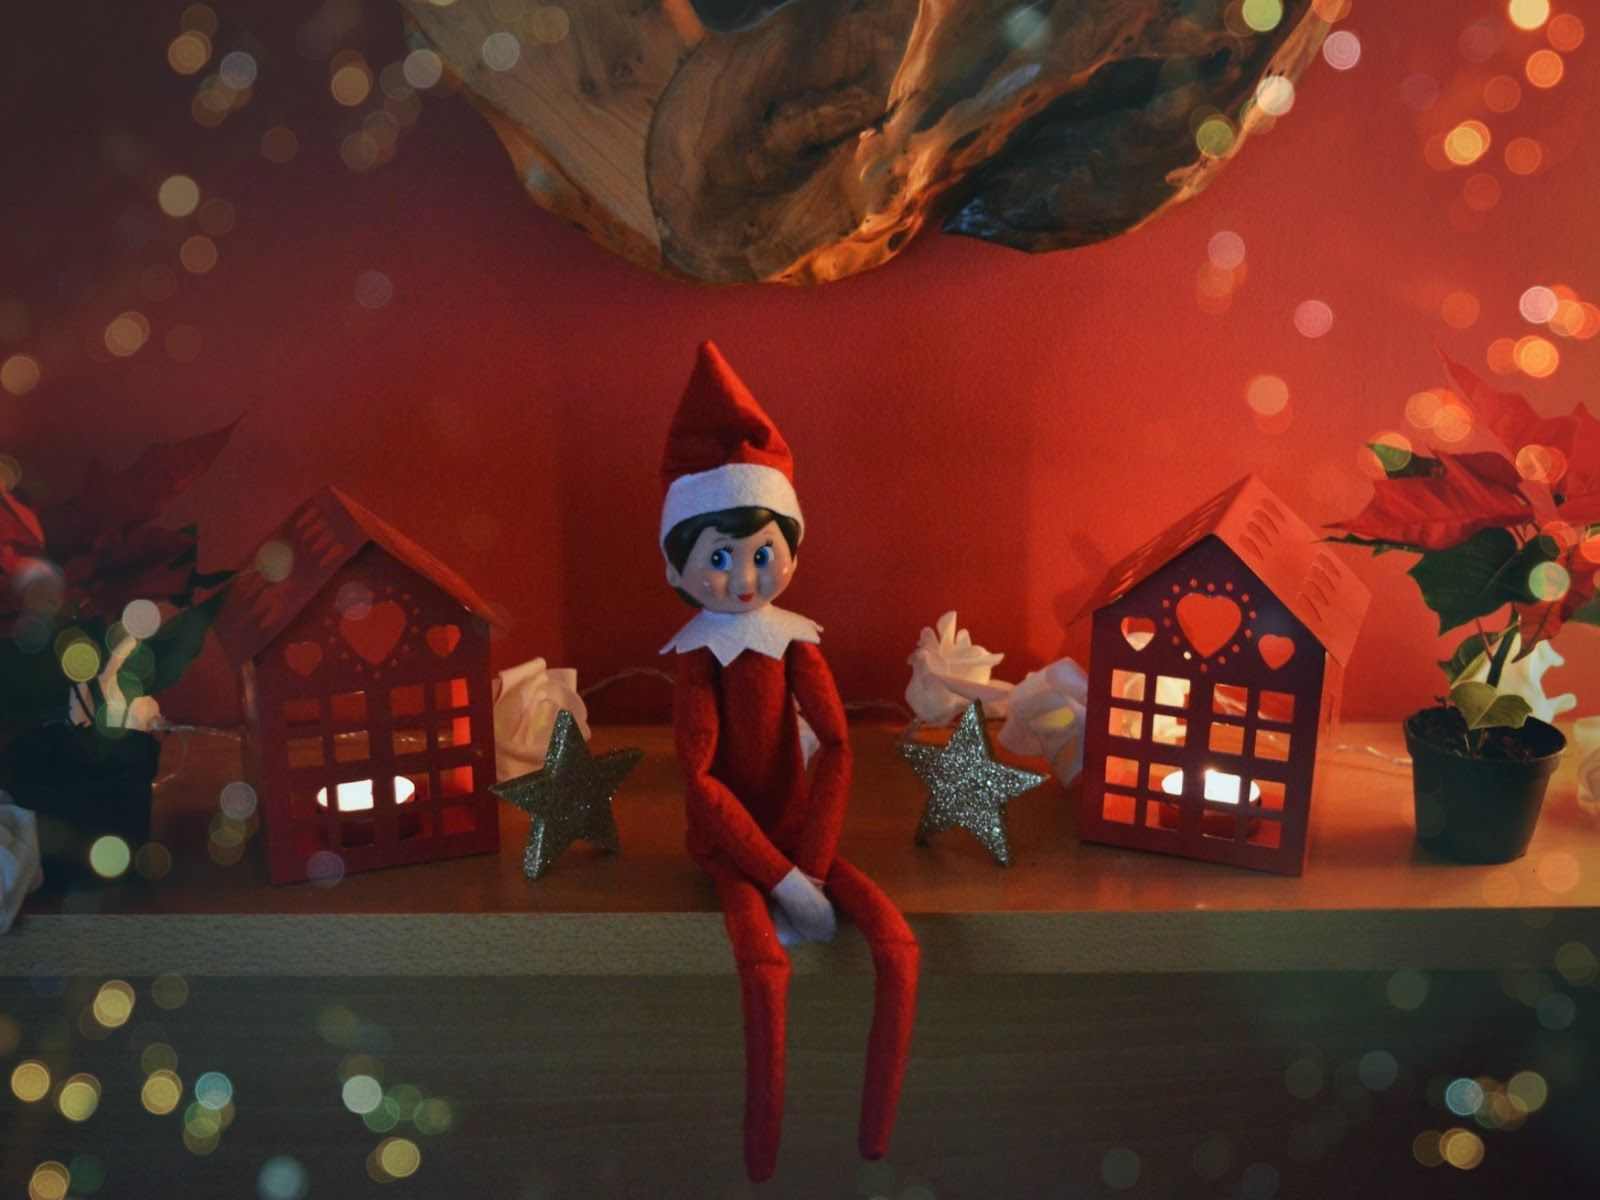 Elf toy sitting on mantel